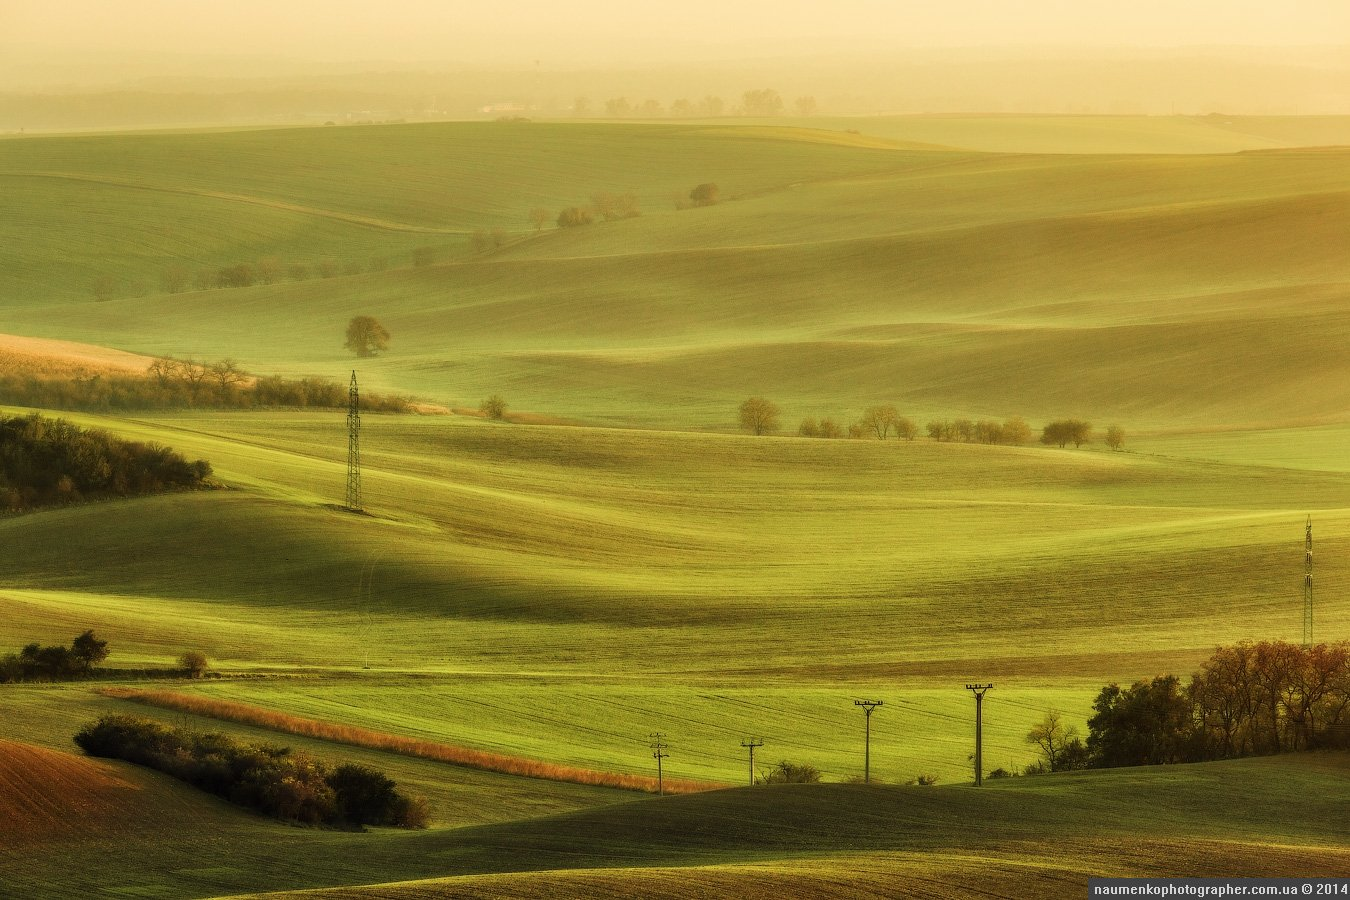 волны,осень,пейзаж,поле, чехия,южная моравия, Александр Науменко